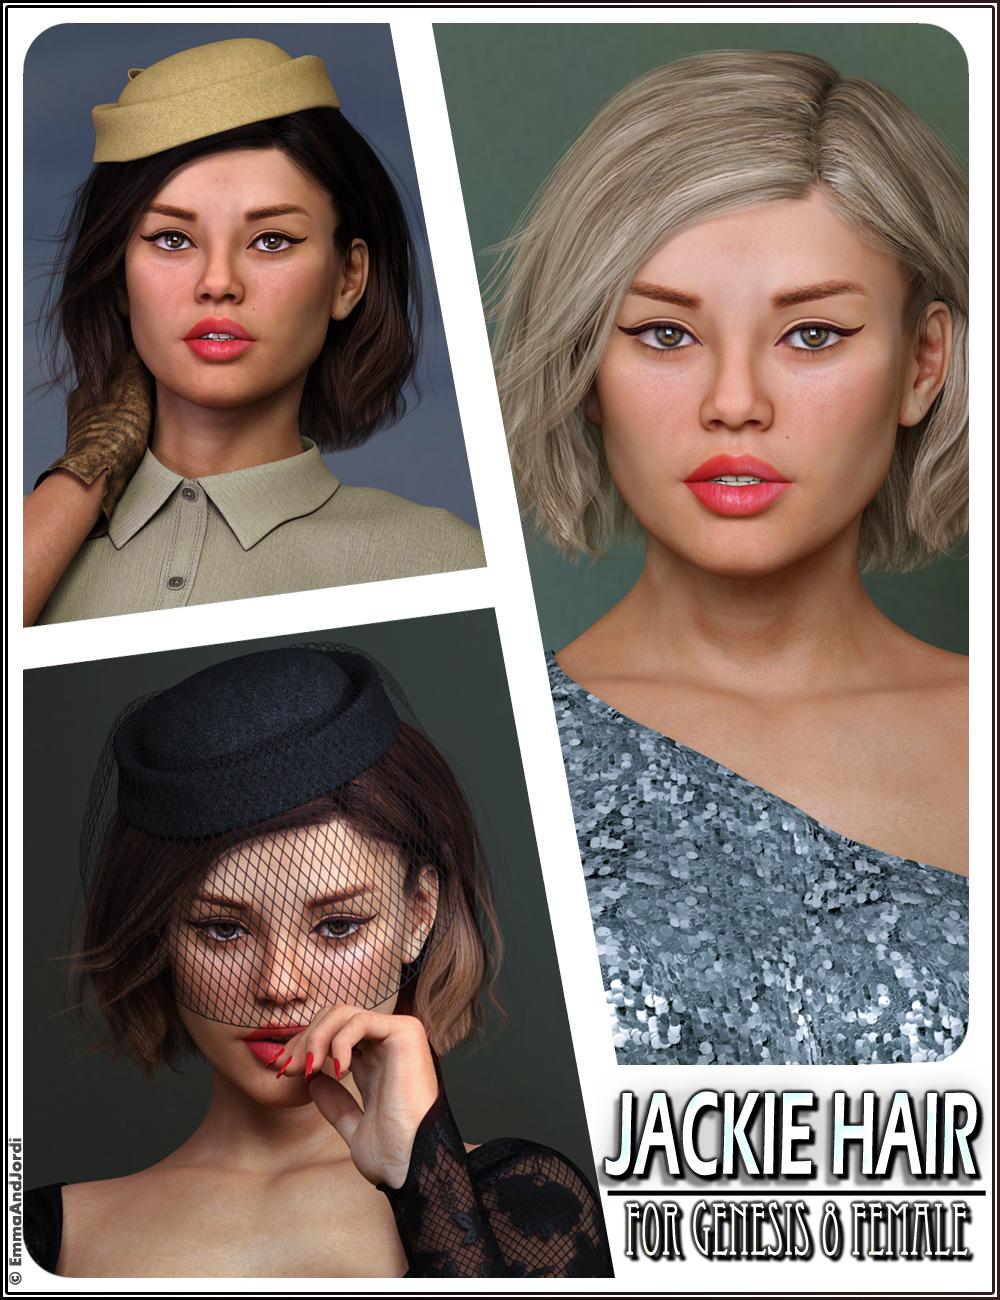 Jackie Hair For Genesis 8 Female(s) by: EmmaAndJordi, 3D Models by Daz 3D